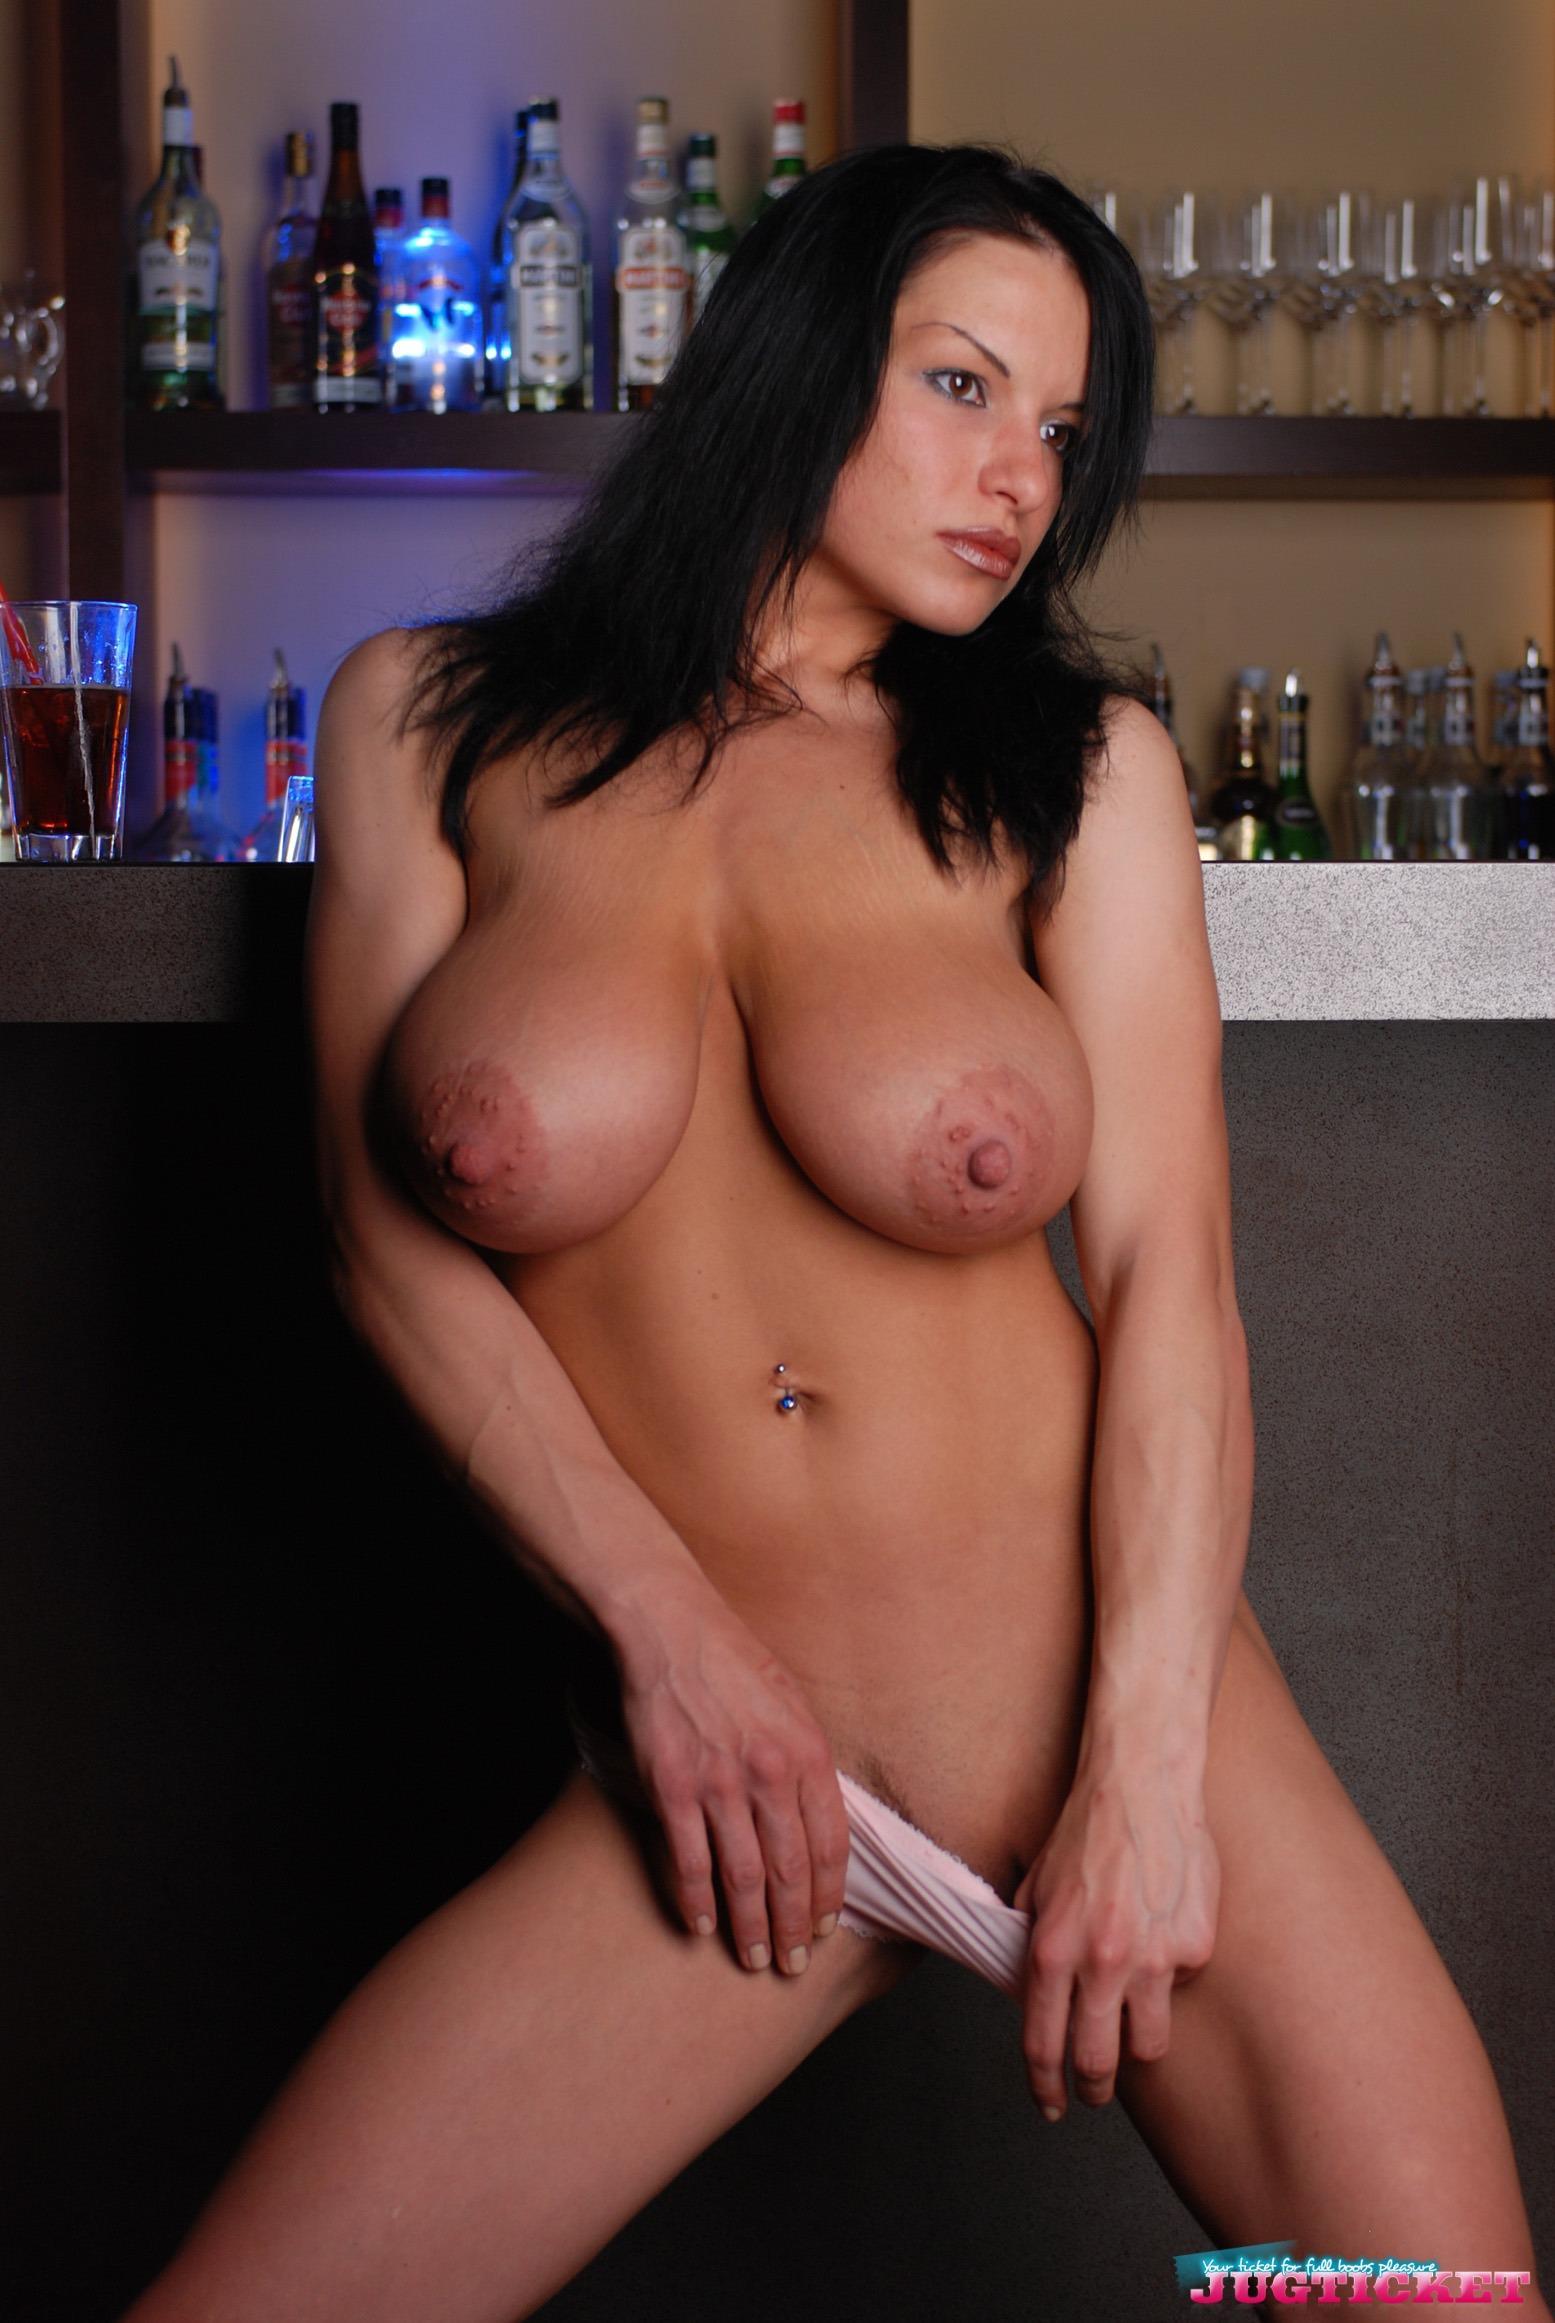 aksana-topless-nude-skinny-amateur-porn-tube